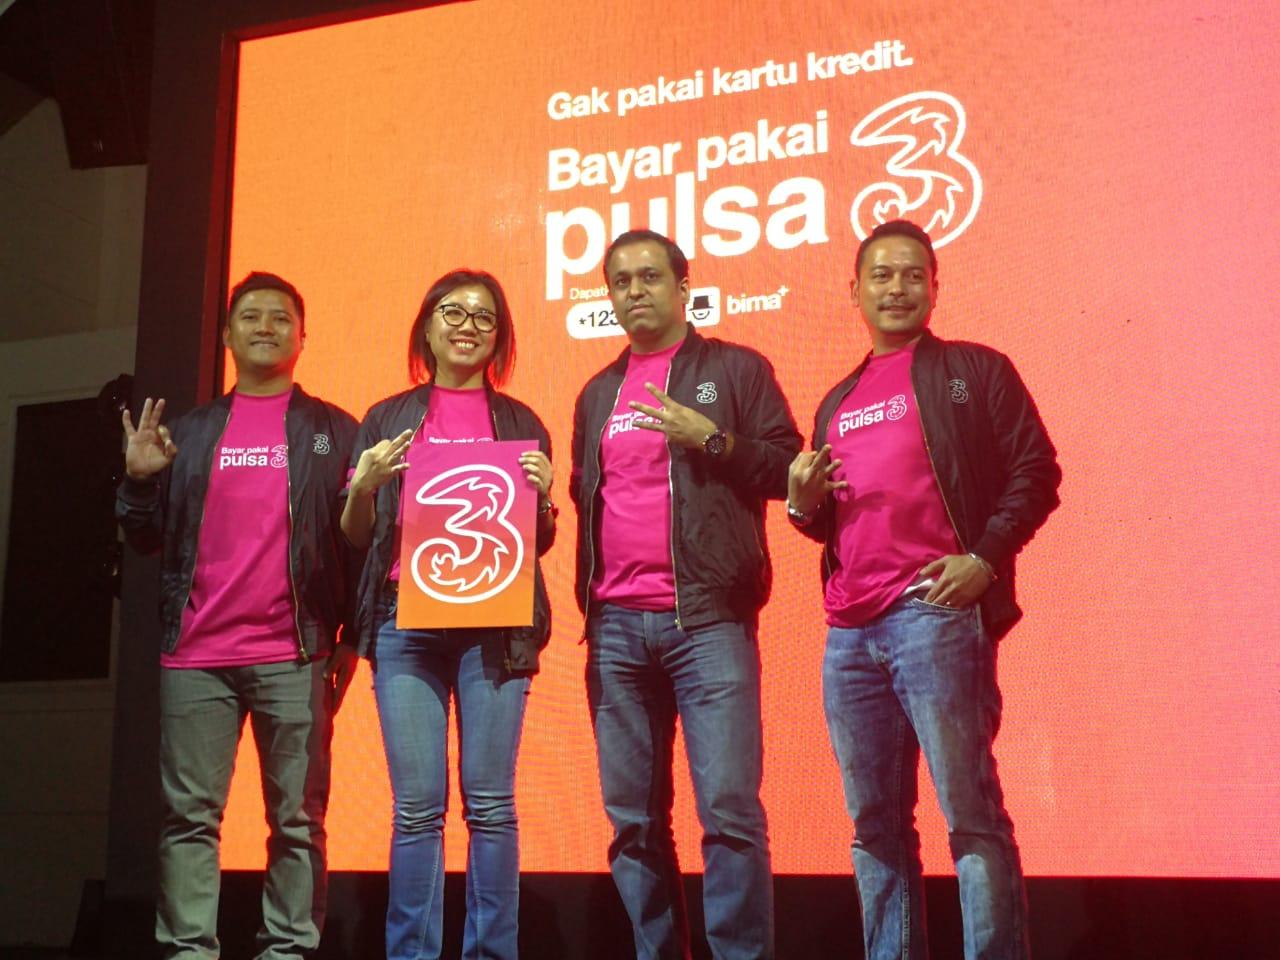 Potong Pulsa, Strategi Tri Dongkrak Milenial Konsumsi Konten Digital